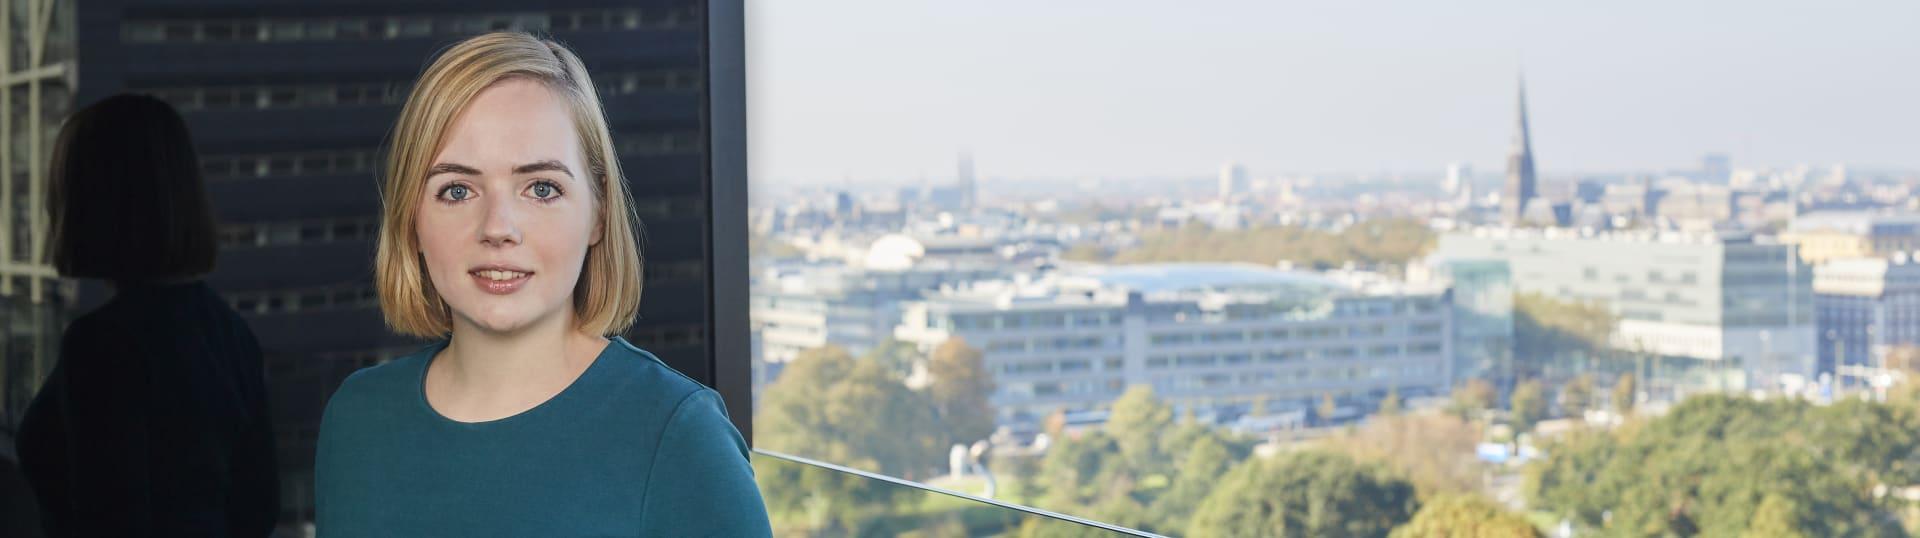 Gerlinde Klooster, kandidaat-notaris Pels Rijcken